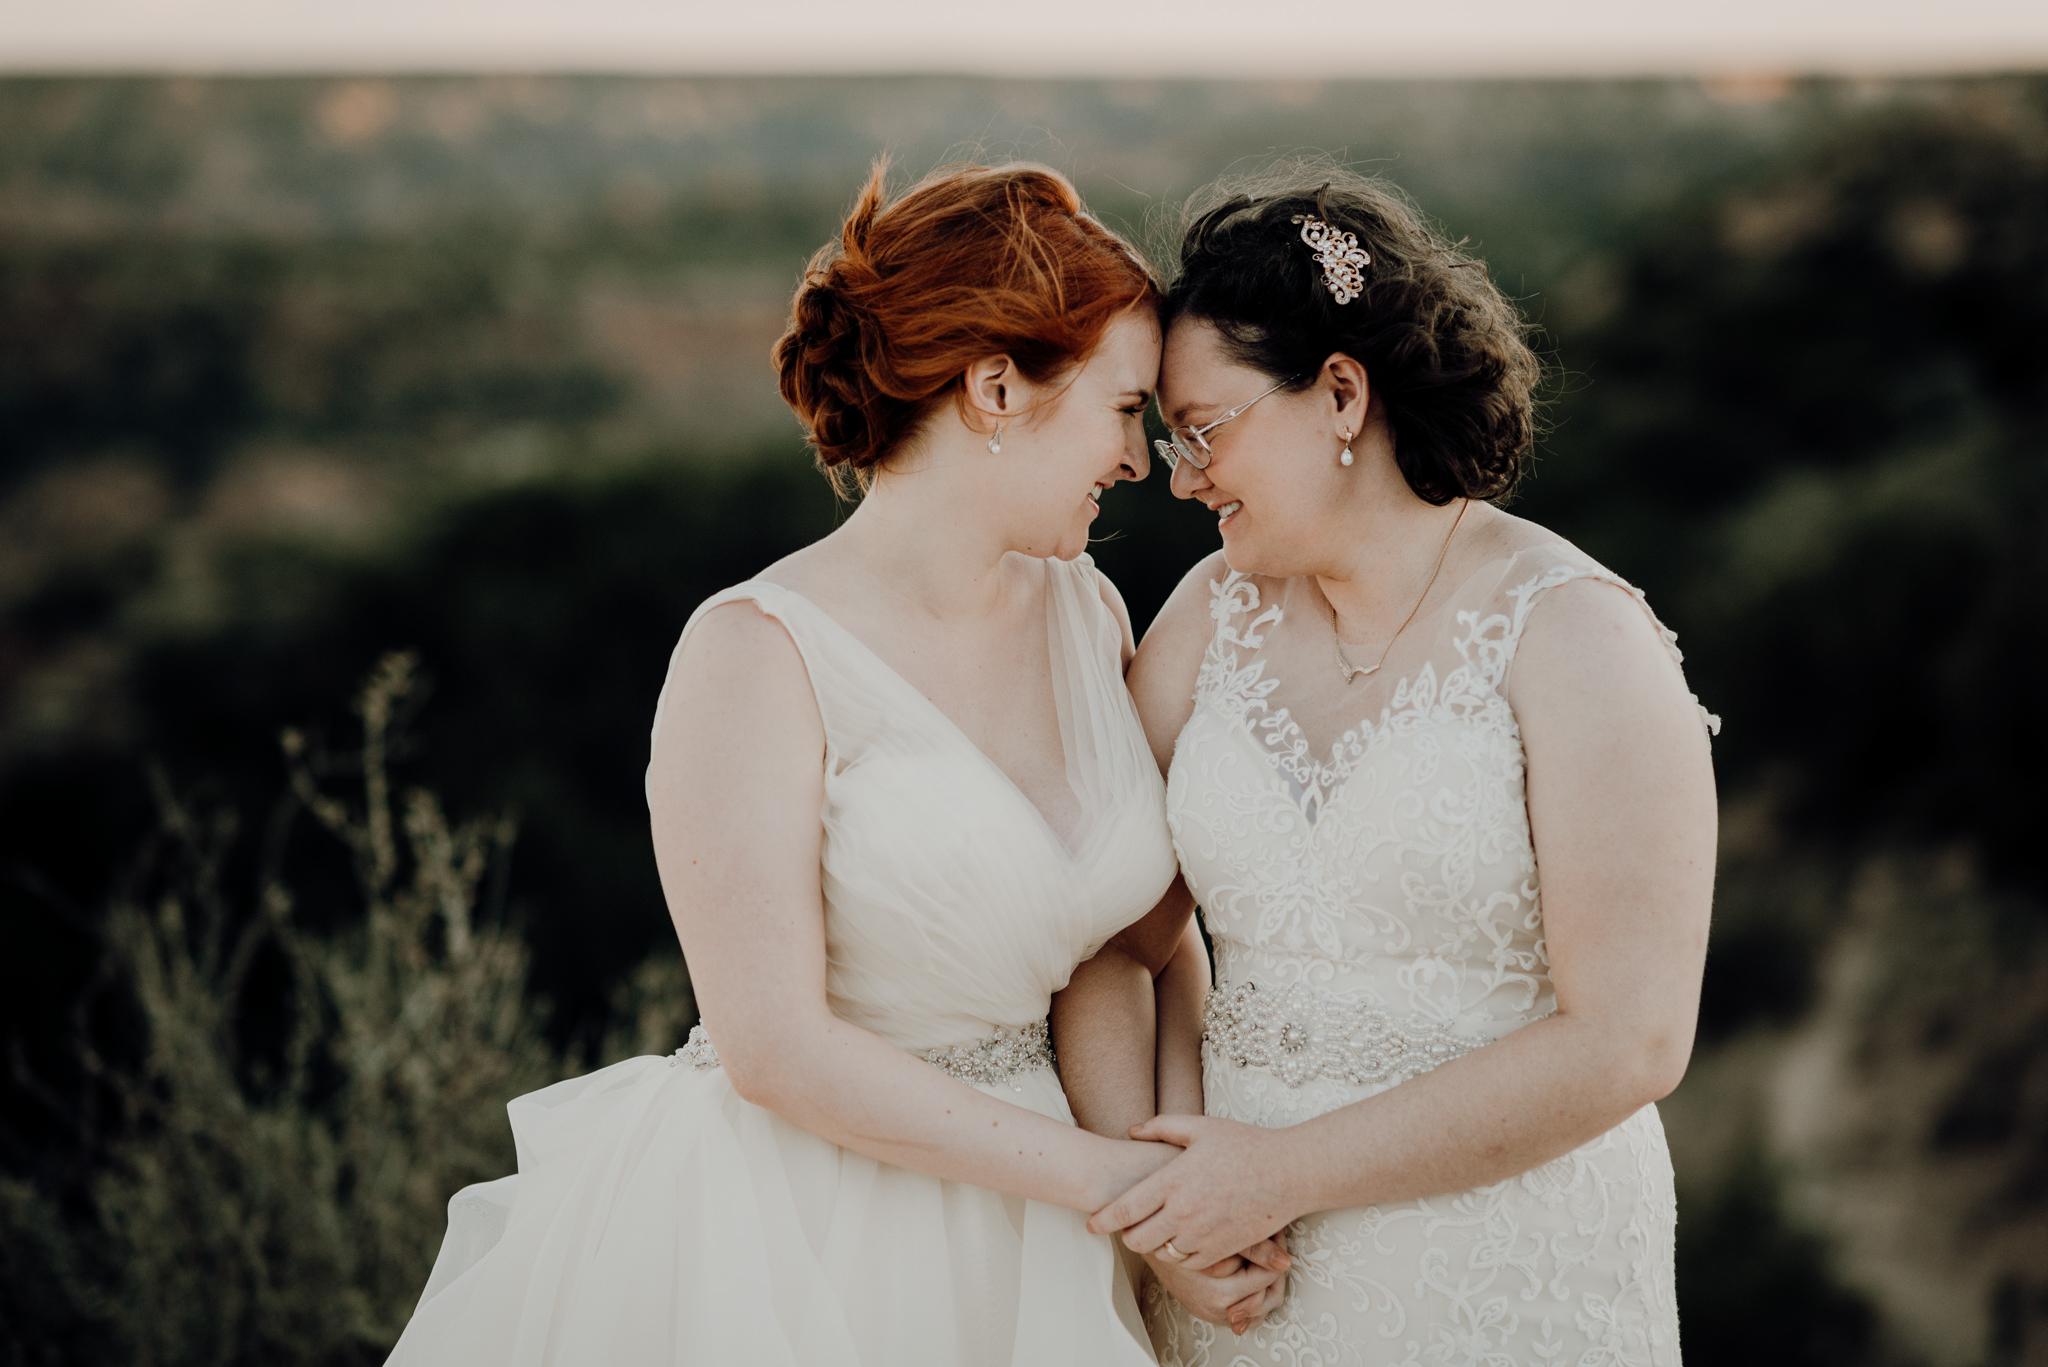 Texas Wedding Photographer-Palo Duro Canyon Sam Sex Wedding- Houston Wedding Photographer -Kristen Giles Photography-34.jpg